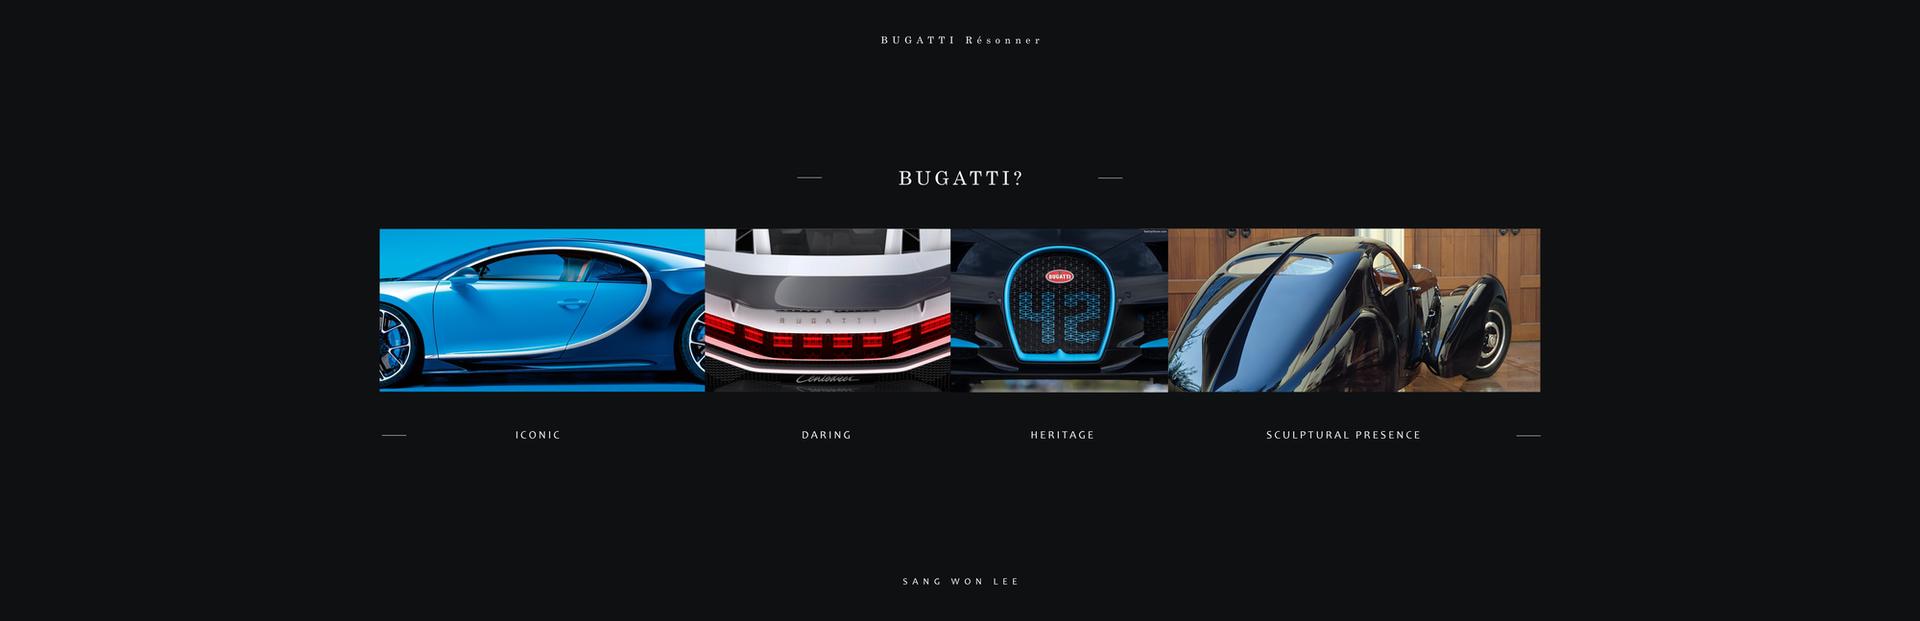 bugatti 34x115.png